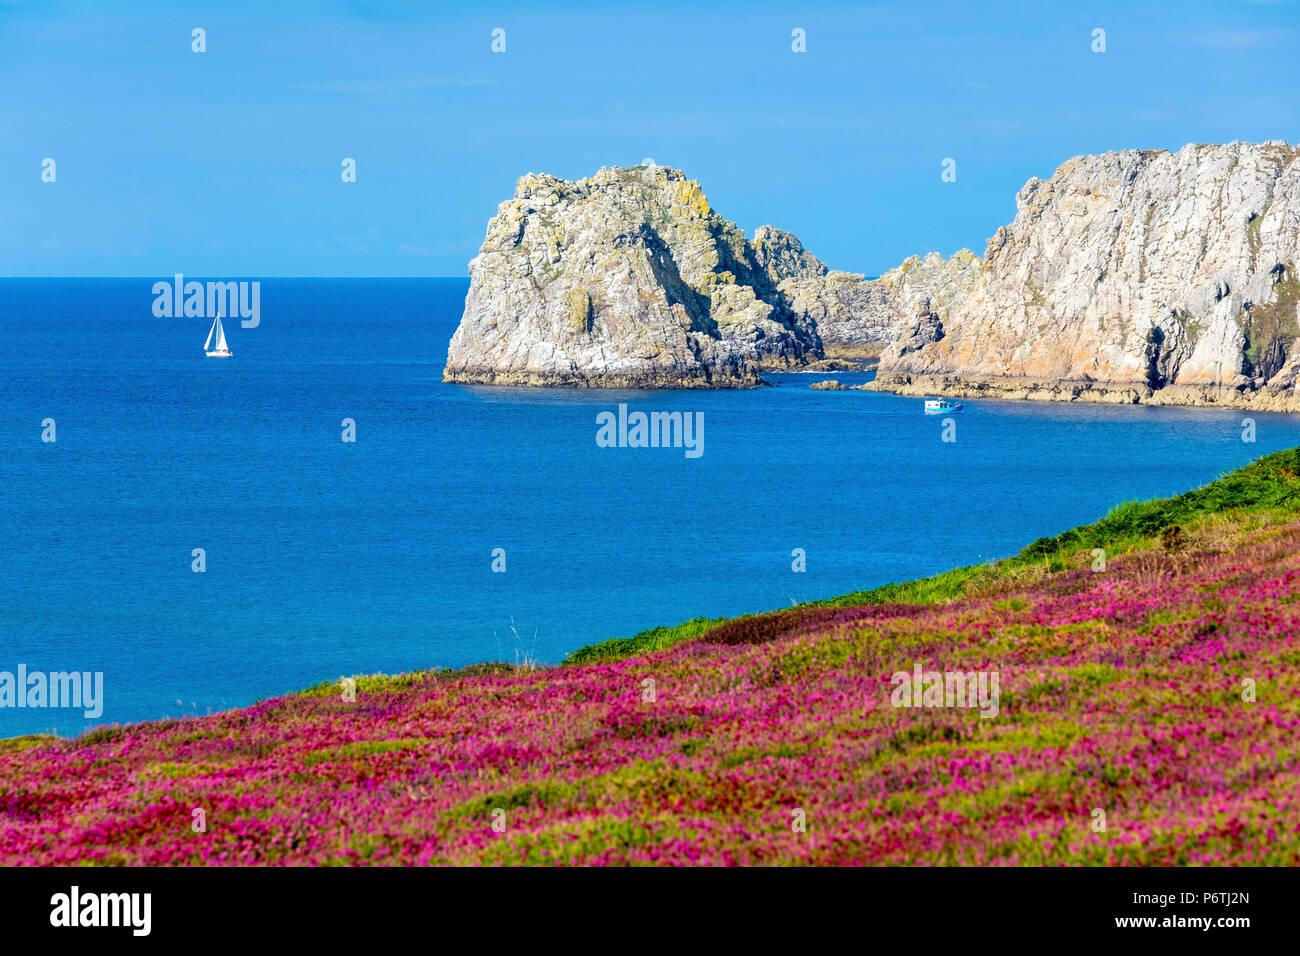 France, Bretagne, Finistère (Bretagne) département, Camaret-sur-Mer. Pointe du Pen-Hir sur la Presqu'ile de Crozon, Parc naturel régional d'Armorique. Photo Stock